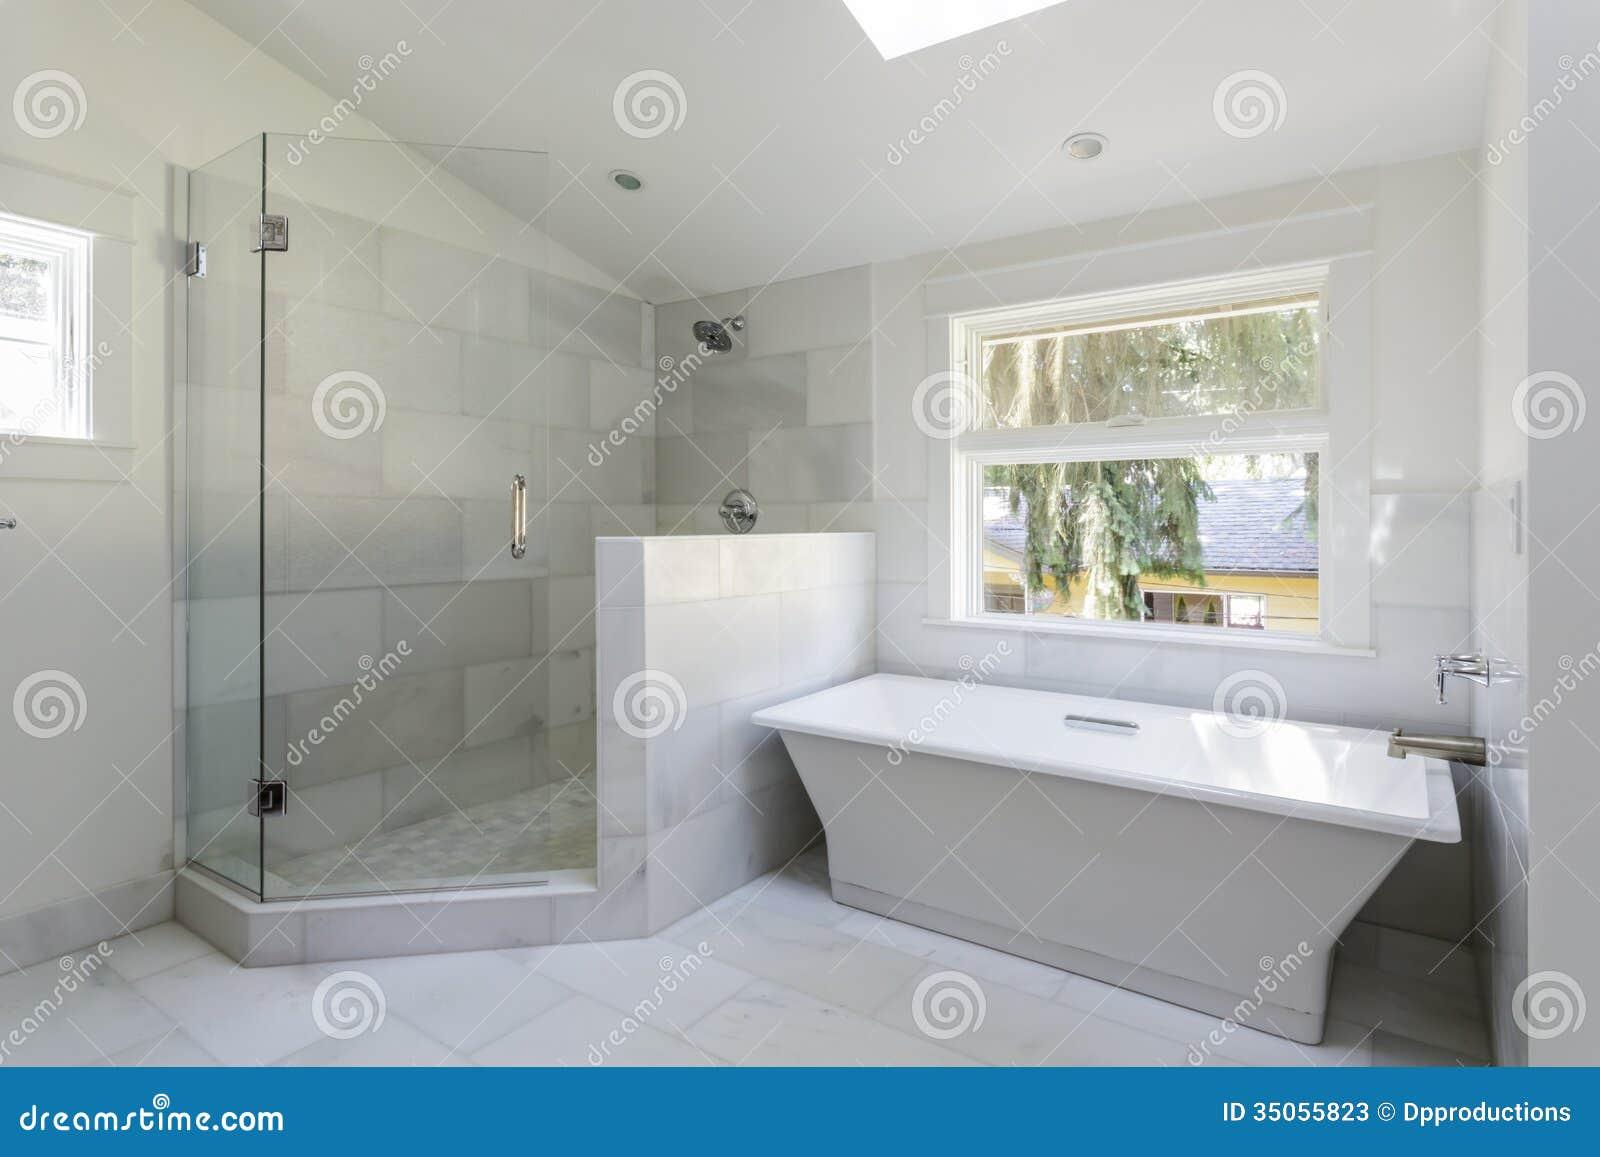 salle de bains moderne avec la douche et la baignoire image stock image 35055823. Black Bedroom Furniture Sets. Home Design Ideas